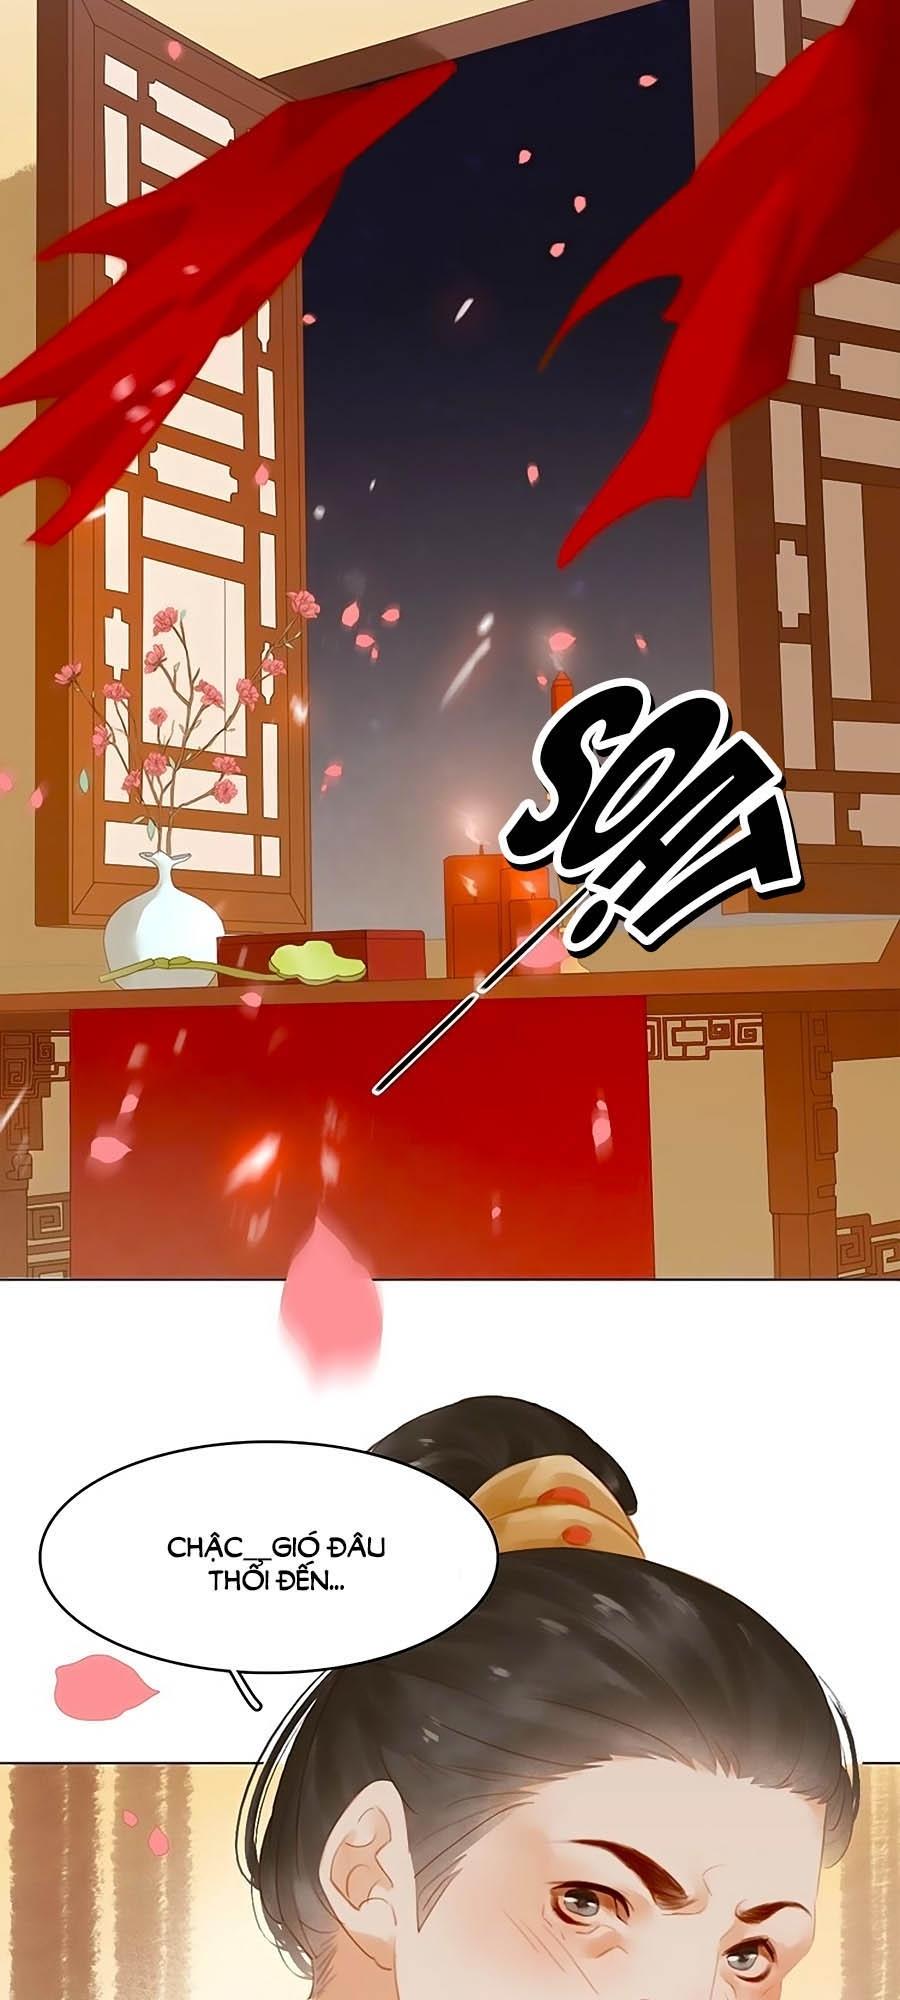 Tiểu sư phụ, tóc giả của ngài rơi rồi! chap 12 - Trang 31